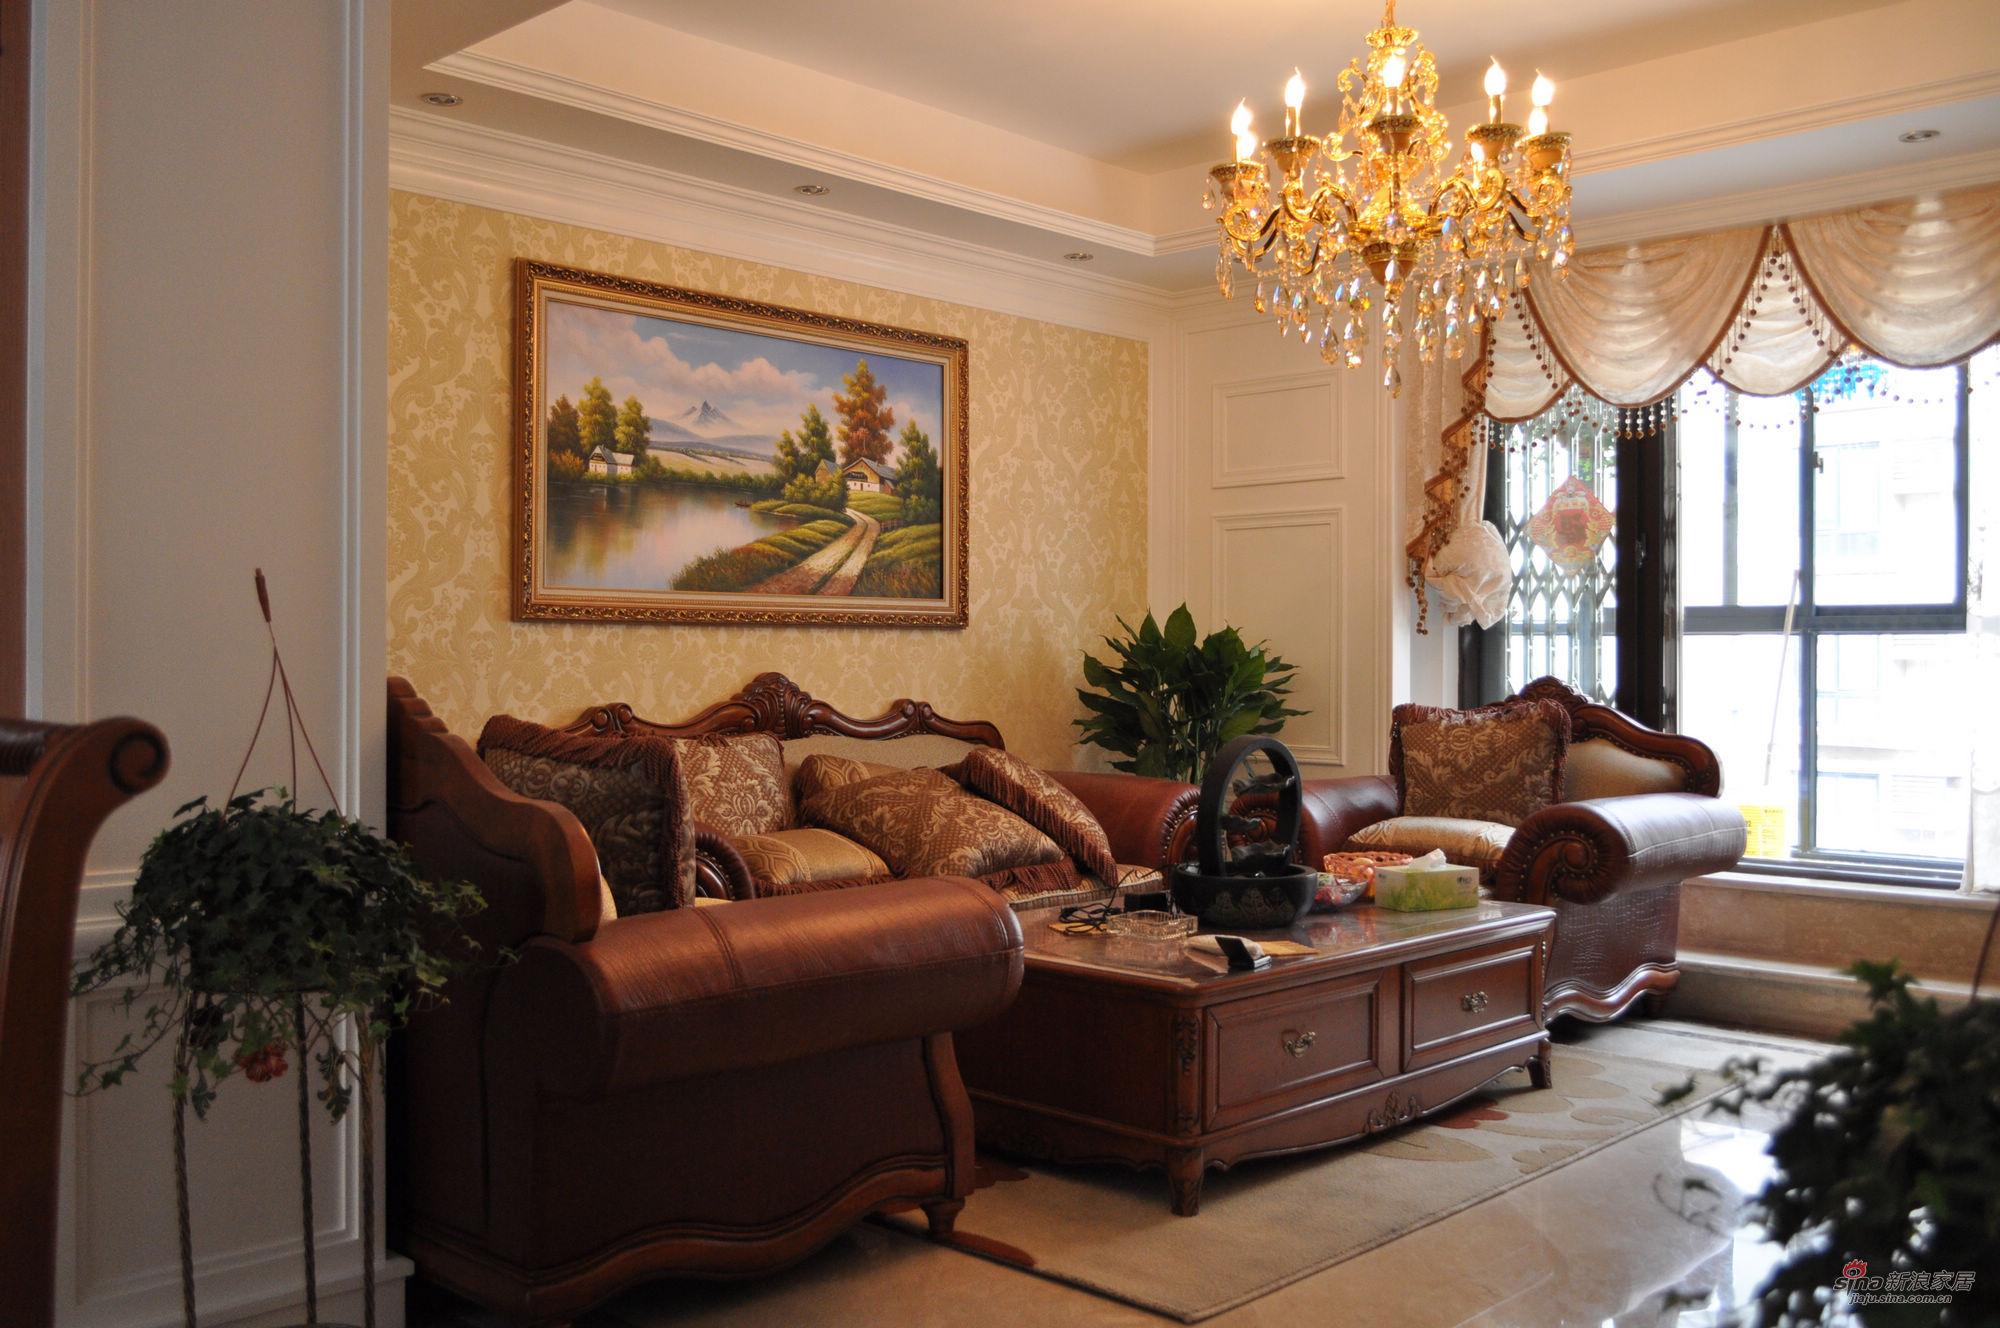 混搭 四居 客厅图片来自用户1907655435在15万打造160平米奢华的家63的分享